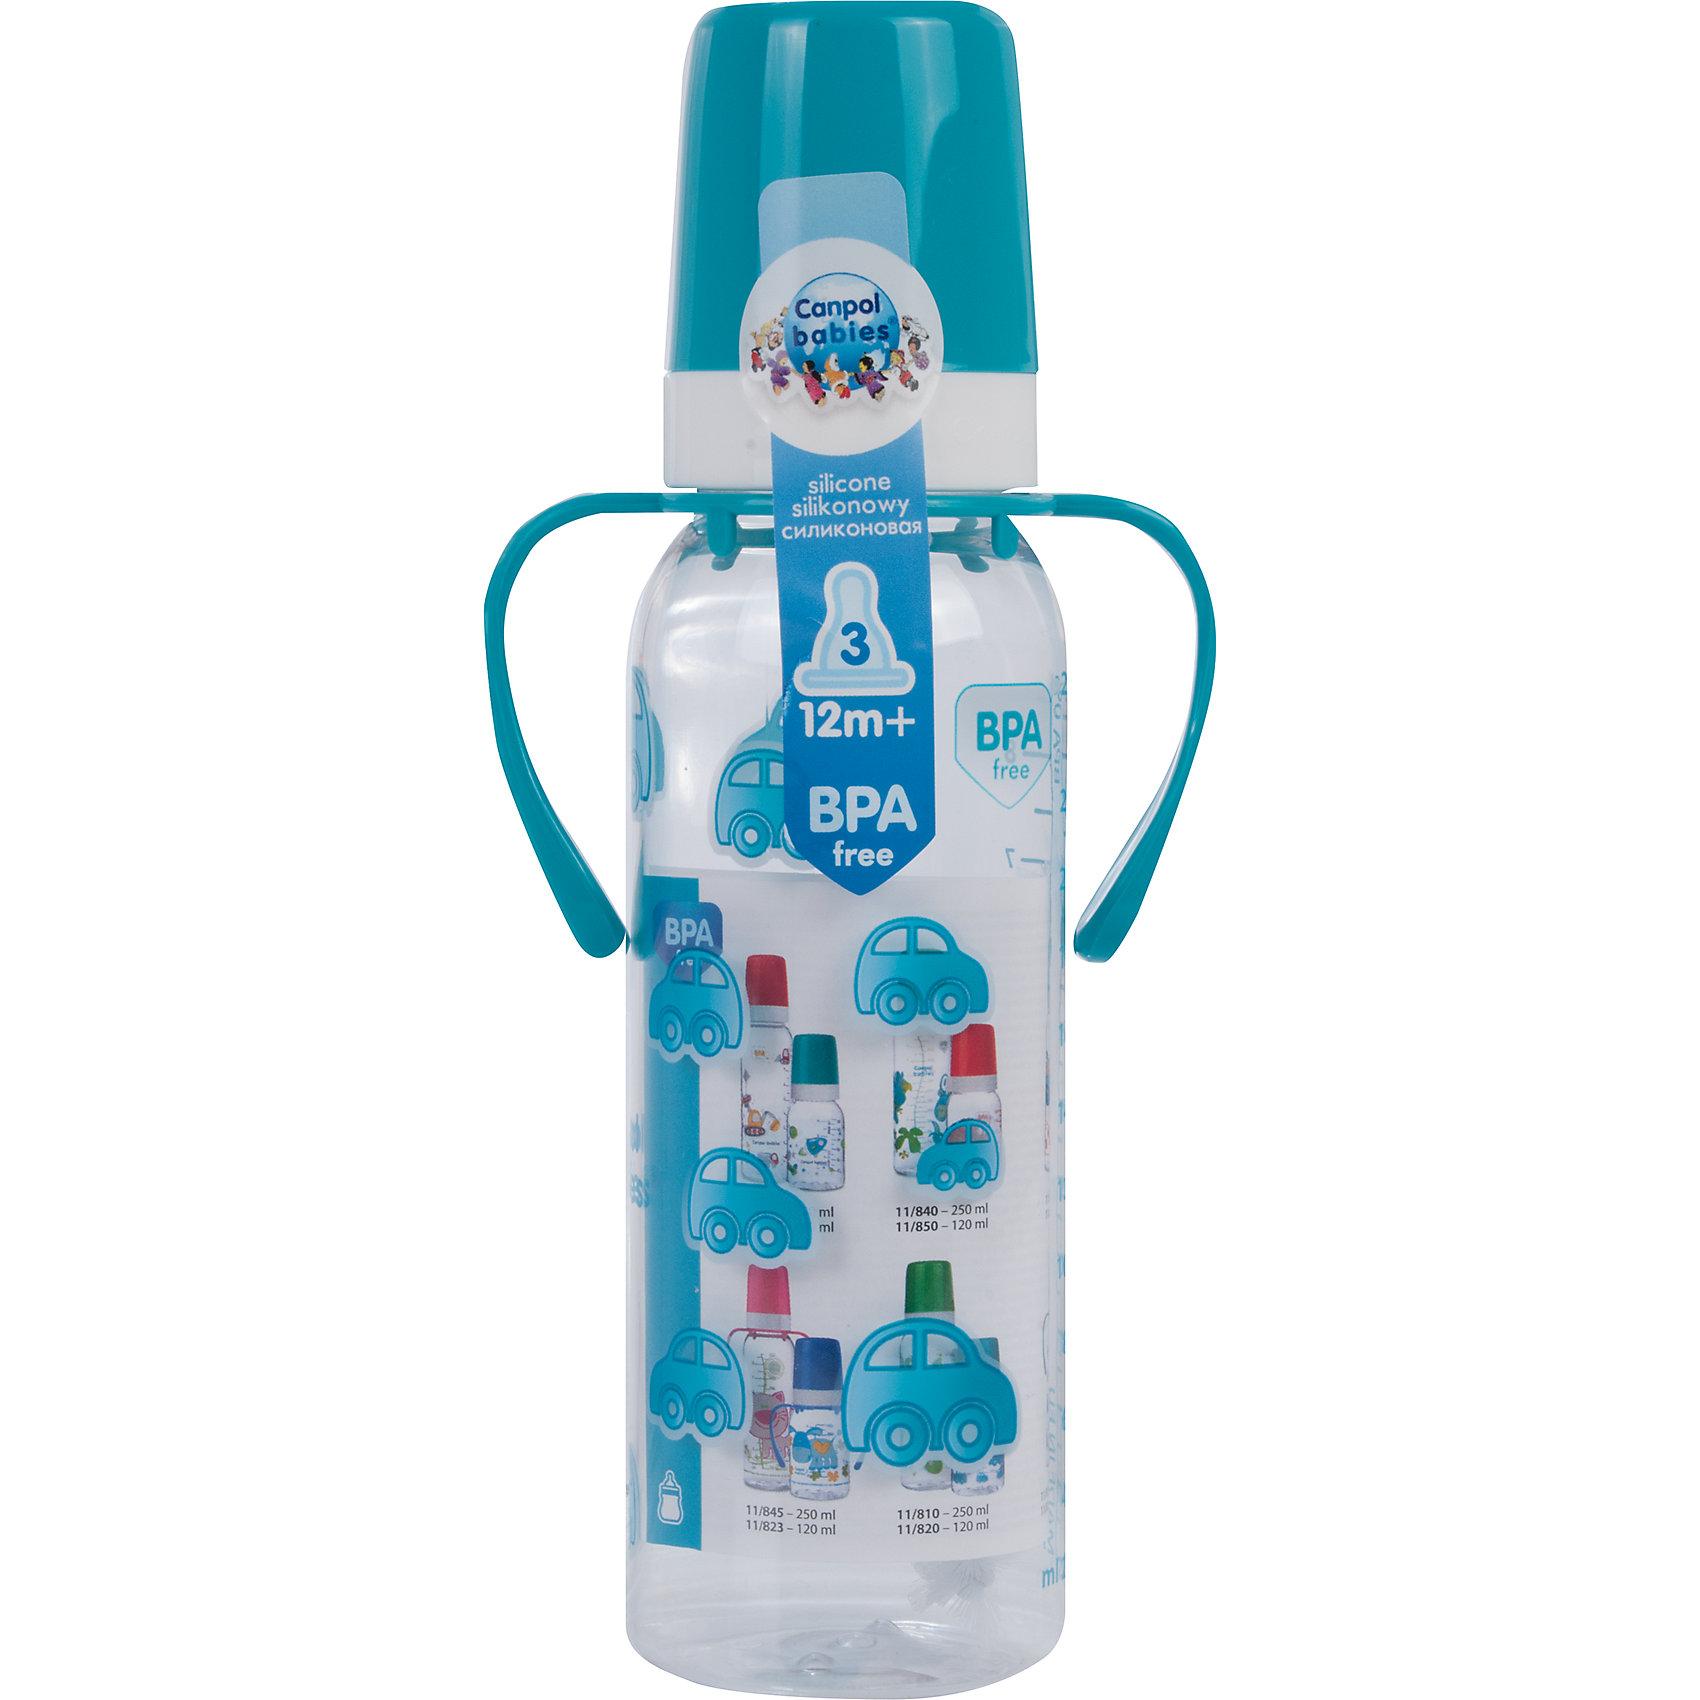 Бутылочка тритановая 250 мл. 12+, Canpol Babies, бирюзовыйБутылочка тритановая (BPA 0%) с ручками с сил. соской, 250 мл. 12+, Canpol Babies, (Канпол Бейбис), бирюзовый.<br><br>Характеристики: <br><br>• Объем бутылочки: 250мл.<br>• Материал бутылочки: тритан - пластик нового поколения.<br>• Материал соски: силикон.<br>• Цвет : бирюзовый. <br>• Удобные ручки.<br>Бутылочка тритановая (BPA 0%) с ручками с сил. соской, 250 мл. 12+, Canpol Babies, (Канпол Бейбис) имеет классическую форму и снабжена ручками. Удобна в использовании дома и в дороге. Бутылочка выполнена из безопасного качественного материала - тритана, который хорошо держит тепло, снабжена силиконовой соской (быстрый поток) и защитным колпачком, имеет удобную мерную шкалу.  Такую бутылочку и все части можно кипятить в воде или стерилизовать с помощью специального прибора. Не впитывает запахи. По мере взросления малыш сможет самостоятельно пить из бутылочки, держа  ее за удобные ручки. Забавный принт безусловно привлечет внимание вашего малыша.<br>Бутылочку тритановая (BPA 0%) с ручками с сил. соской, 250 мл. 12+, Canpol Babies, (Канпол Бейбис), бирюзовый можно купить в нашем интернет- магазине.<br><br>Ширина мм: 90<br>Глубина мм: 54<br>Высота мм: 235<br>Вес г: 710<br>Возраст от месяцев: 12<br>Возраст до месяцев: 36<br>Пол: Мужской<br>Возраст: Детский<br>SKU: 5156793